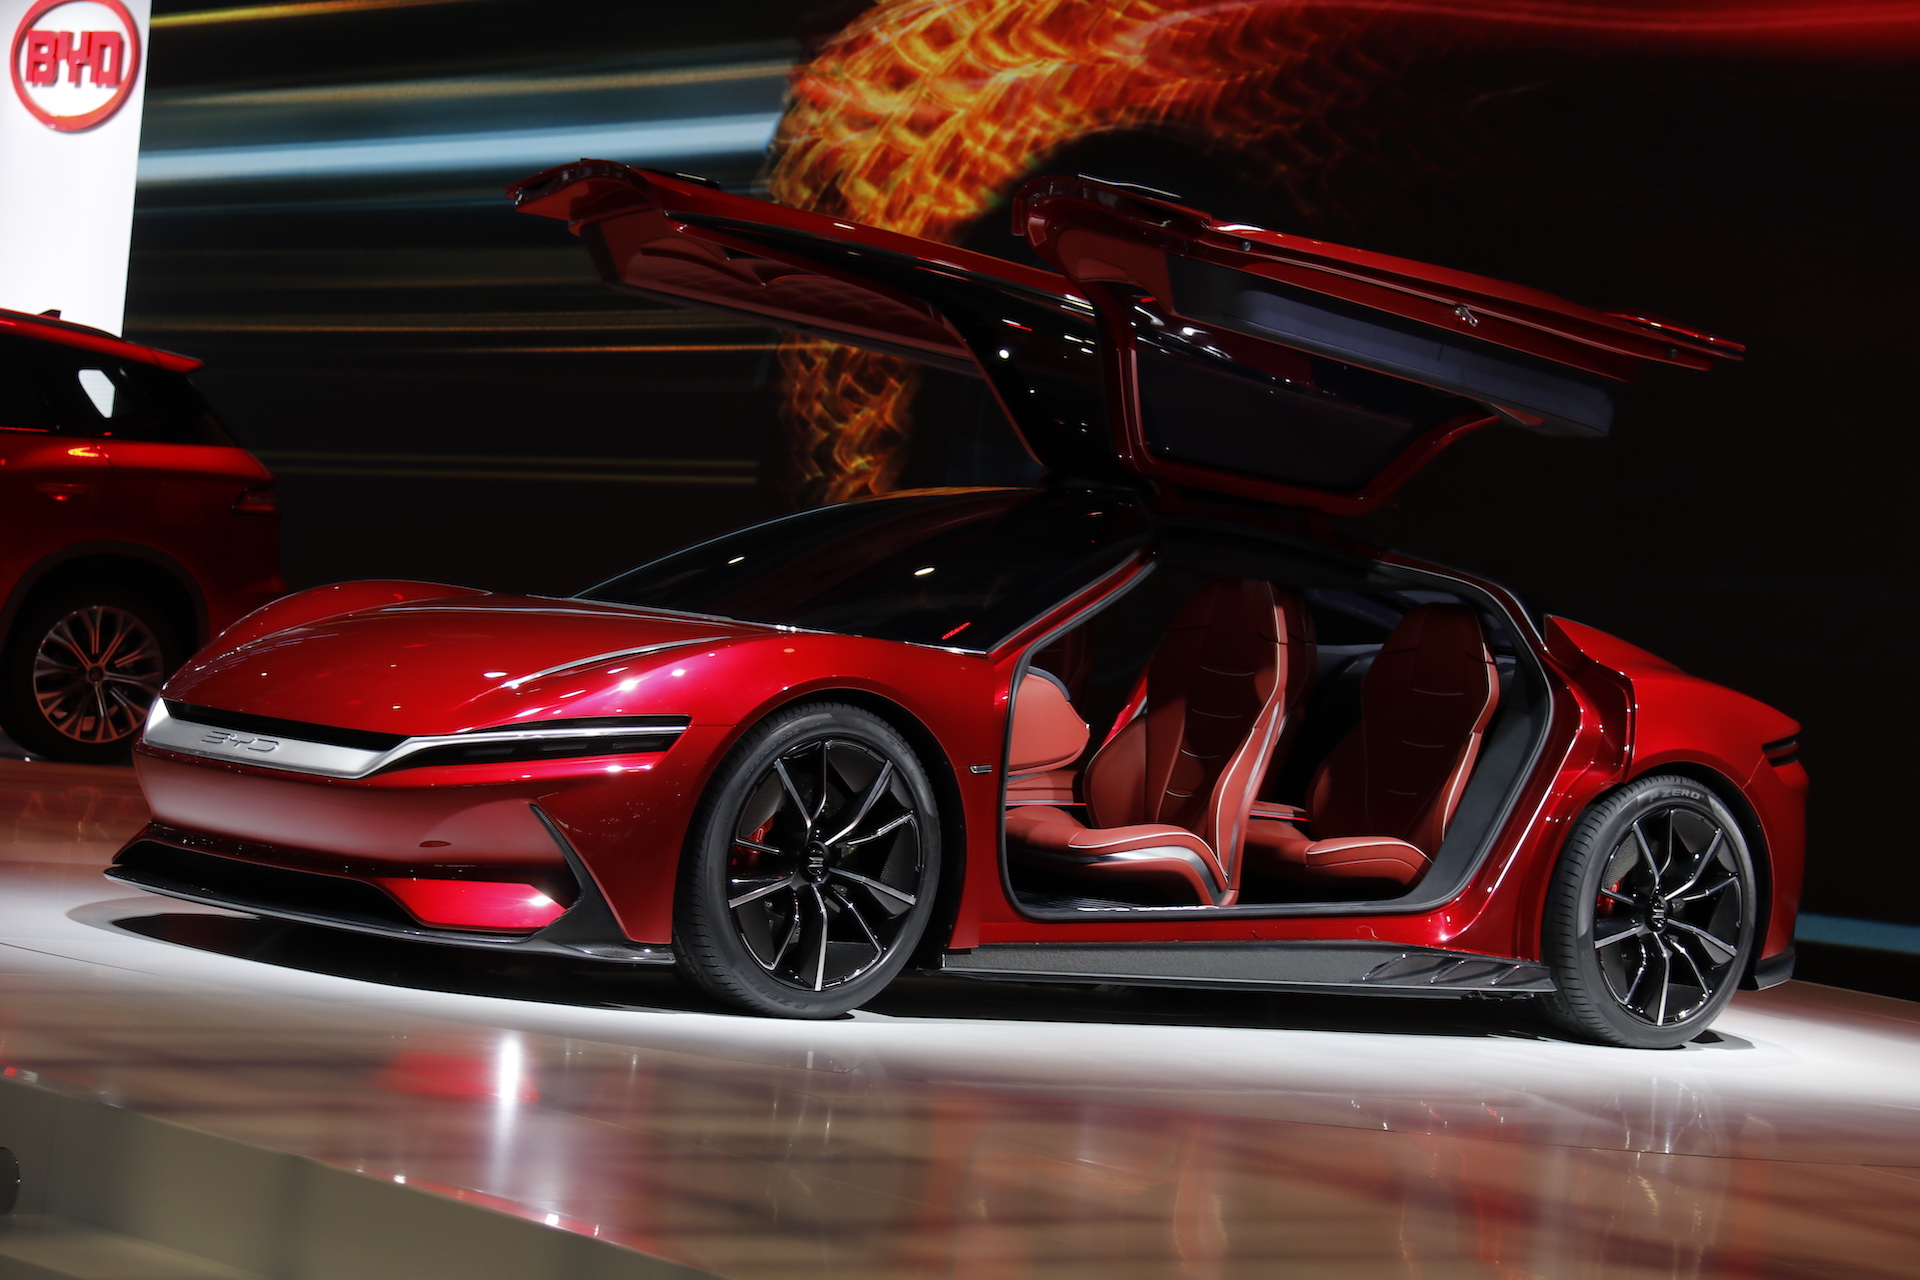 中国メーカーとイタリア人デザイナーの協働は結実するか 上海国際自動車ショー現地レポート